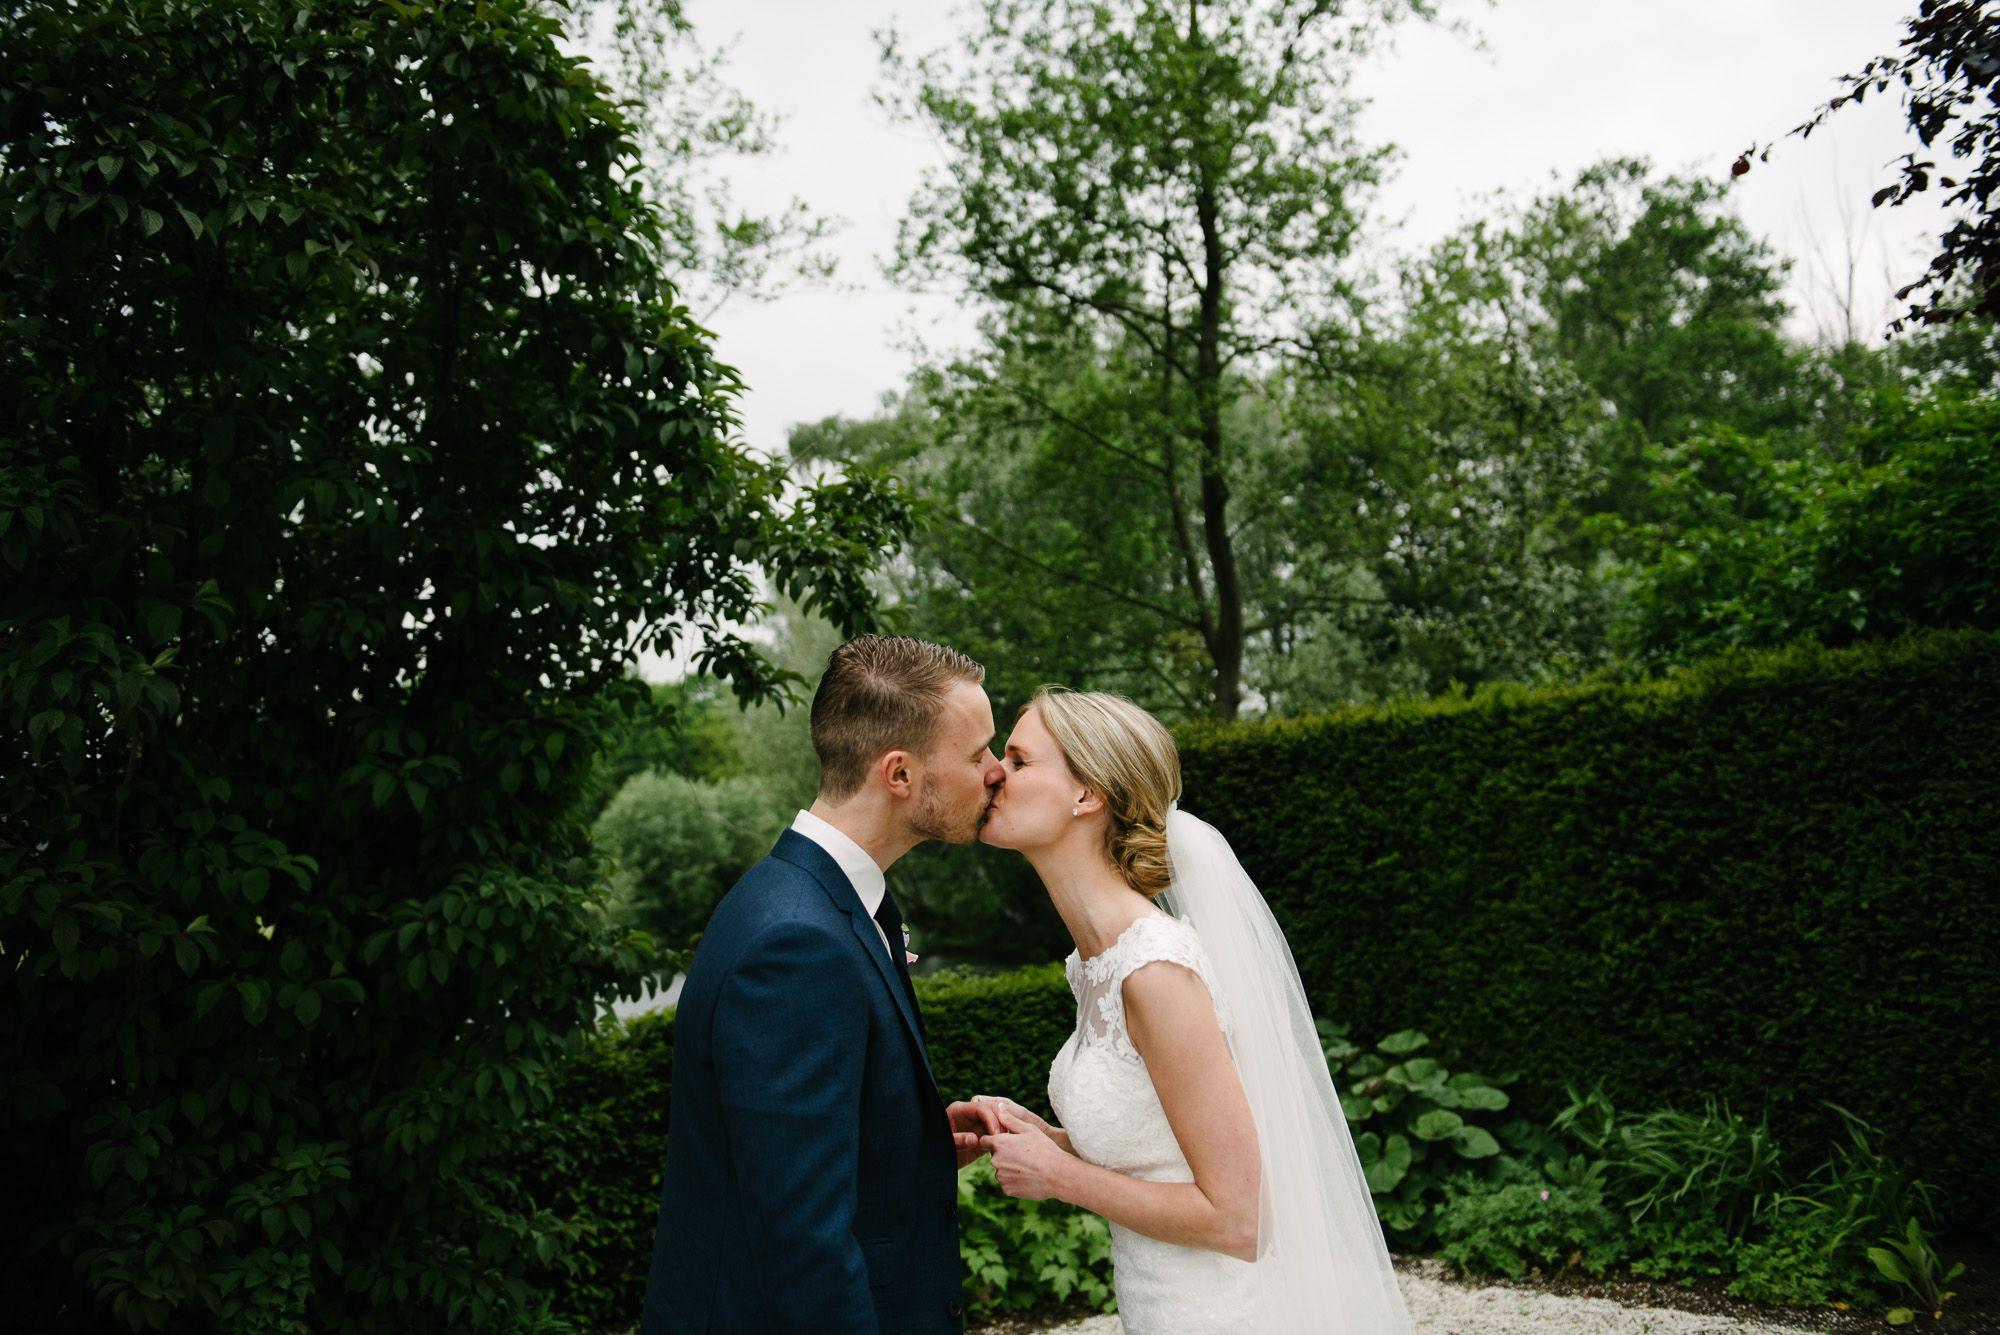 spontane foto's trouwen